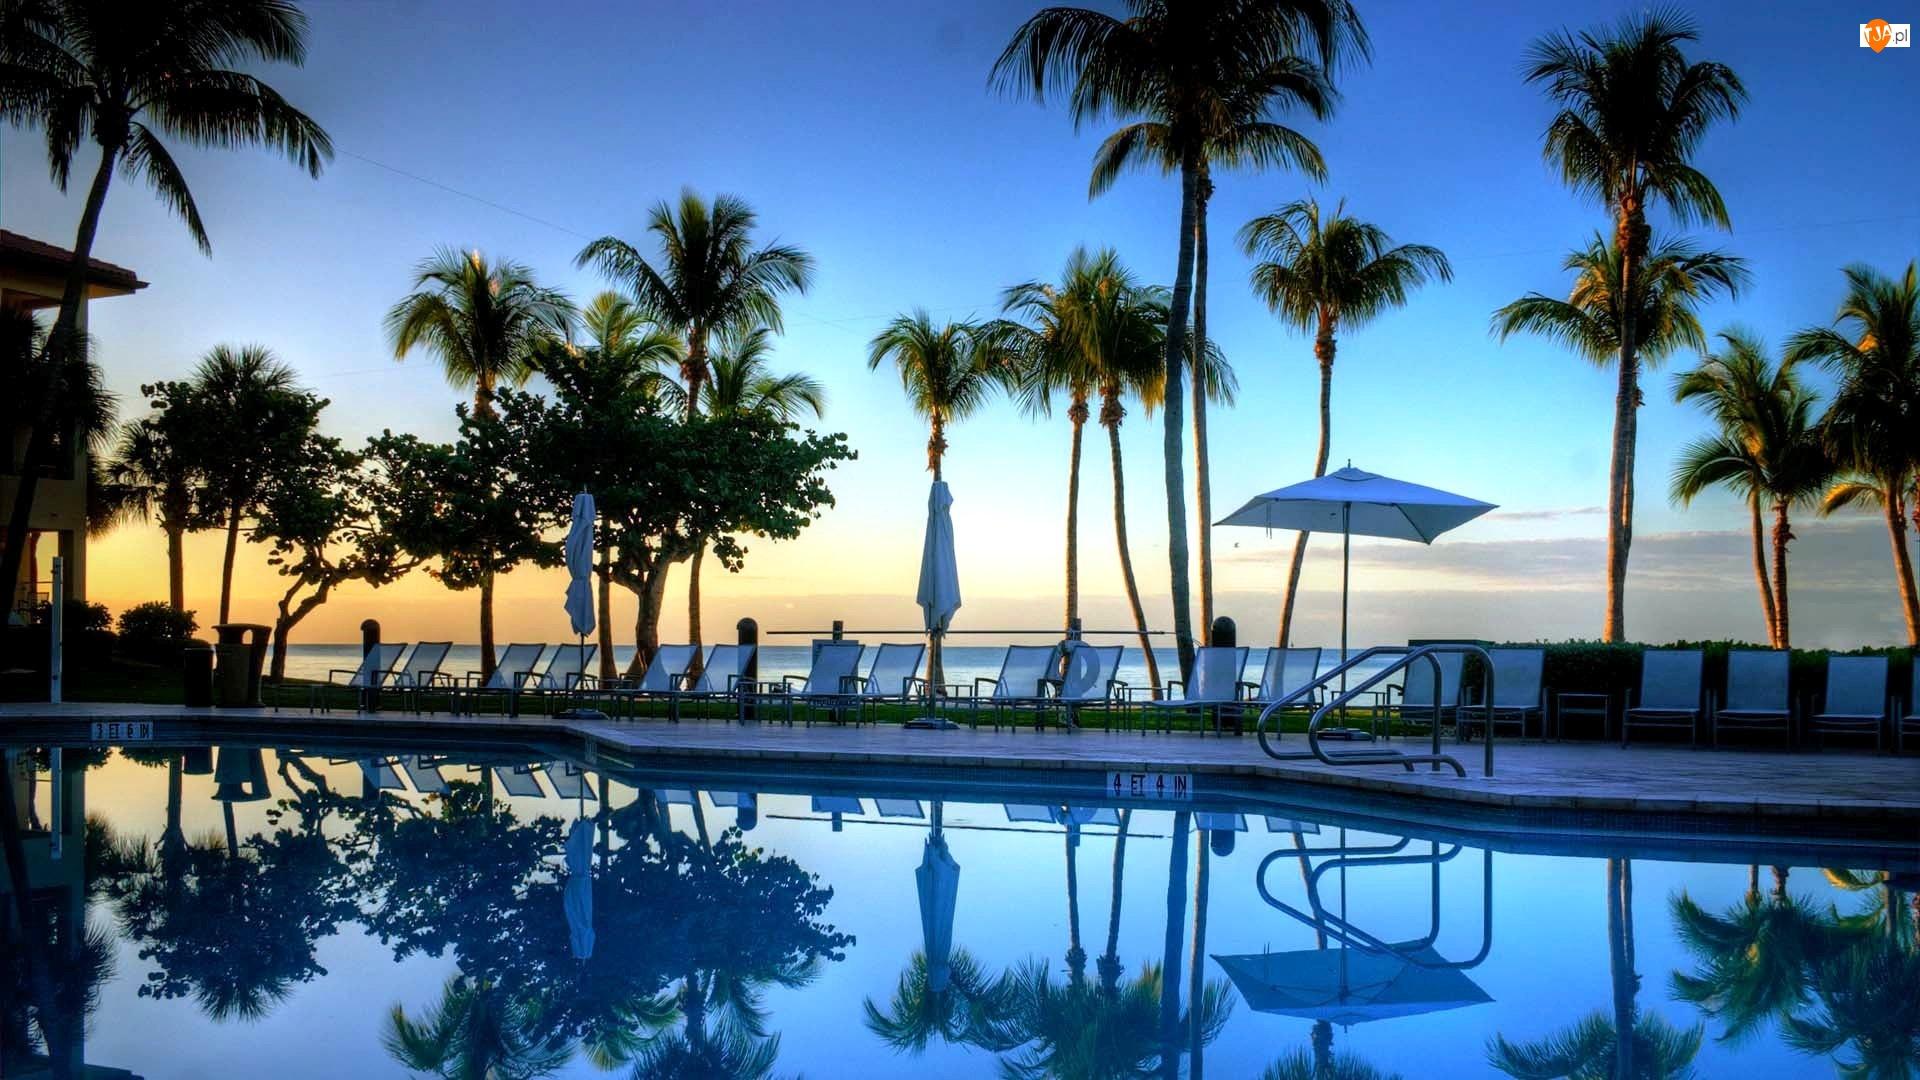 Leżaki, Morze, Hotel, Floryda, Basen, Palmy